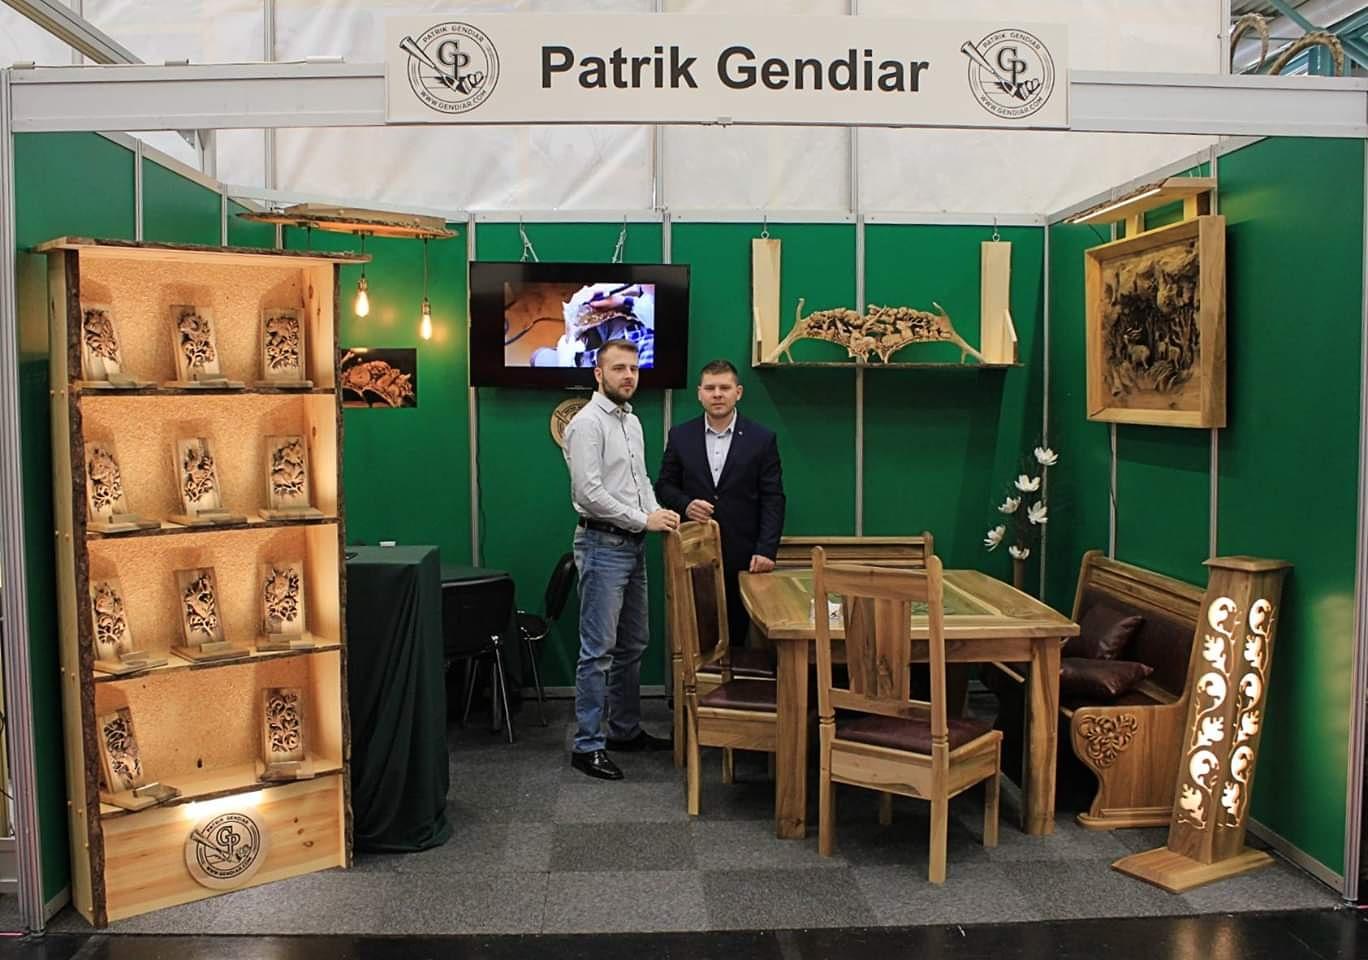 Výstava umeleckého rezbárstva v Rakúsku, Ausstellung von Kunstholzschnitzereien in Österreich, Exhibition of art wood carving in Austria